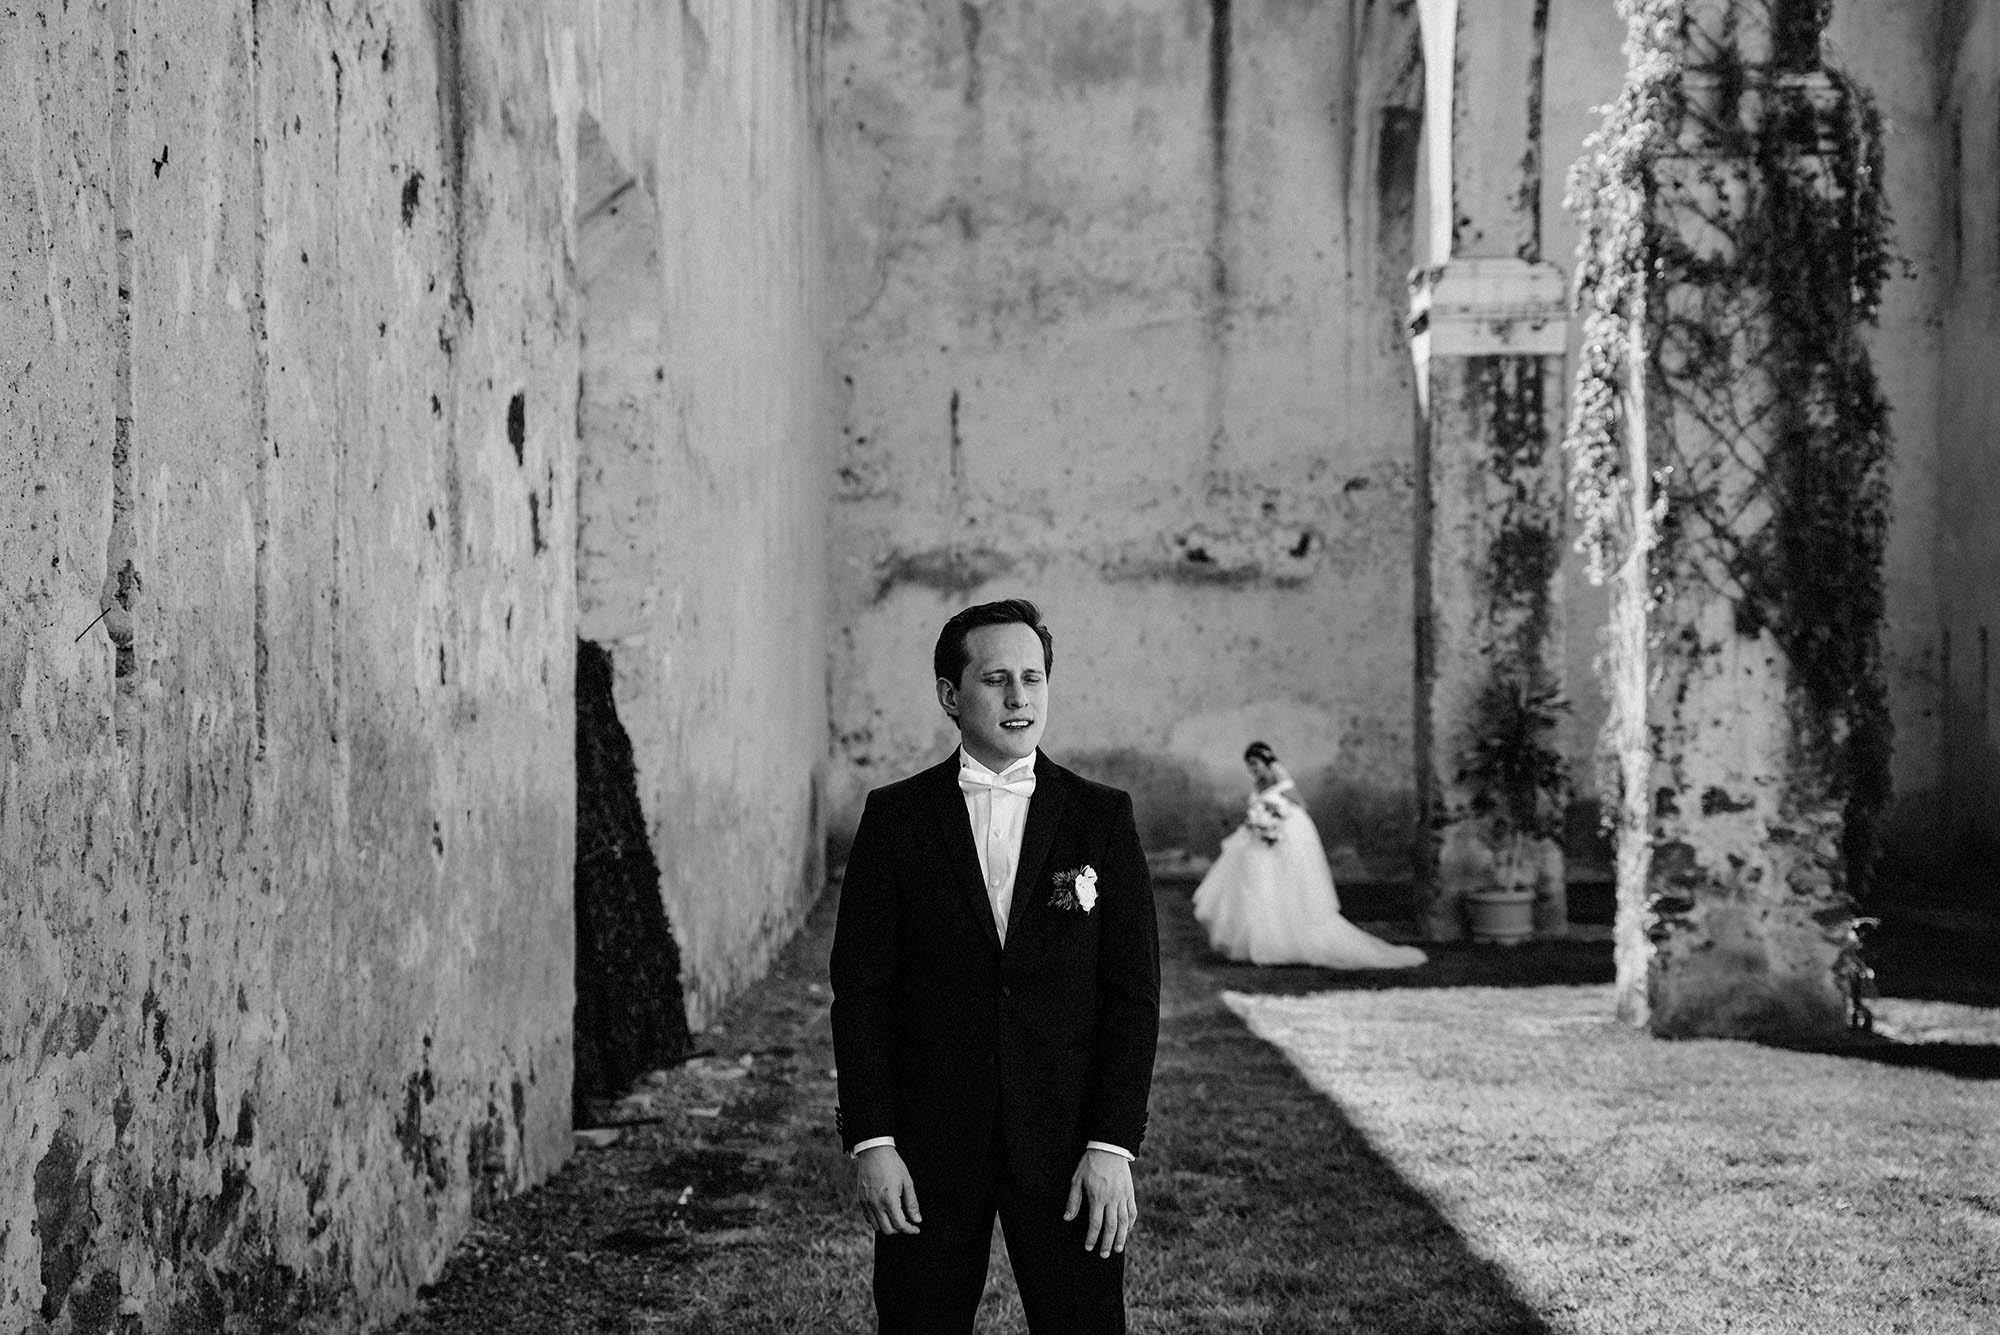 10 Encuentro de novios Boda hacienda castillo wedding planner magali espinosa fotografo 10-WEB.jpg